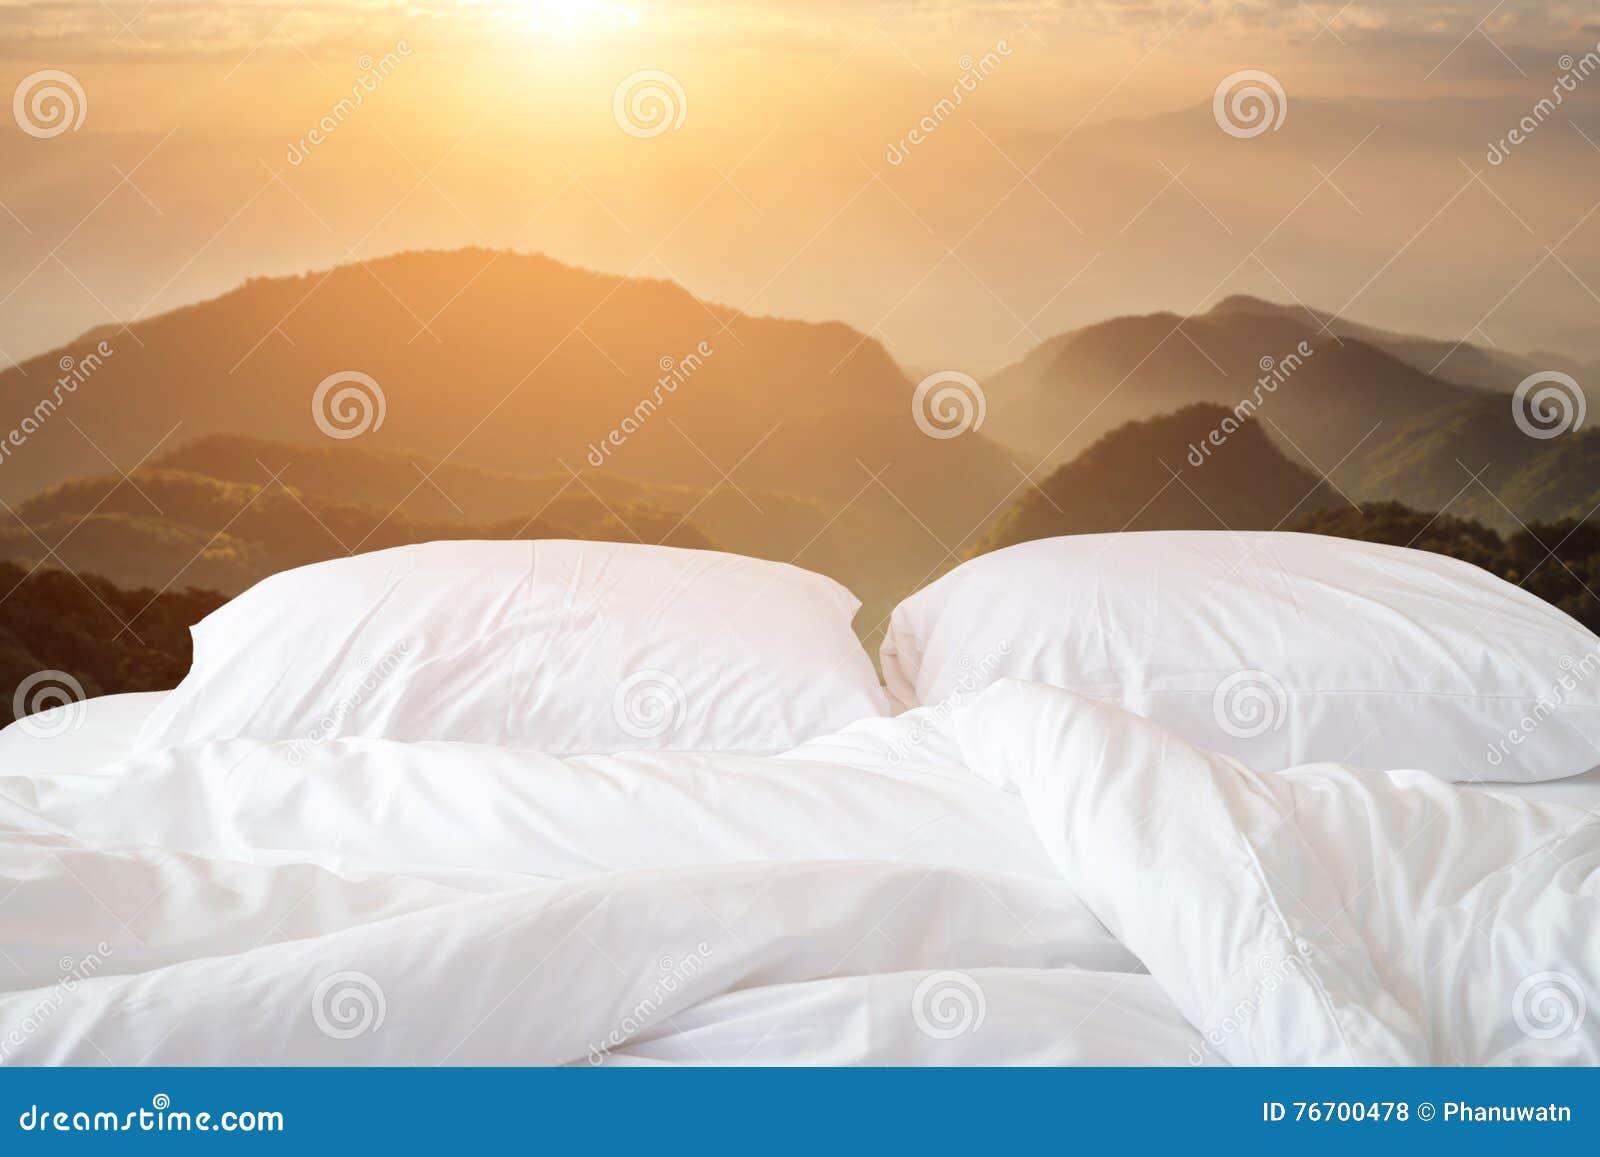 Slut upp den vita sängkläderark och kudden på sikt av berget